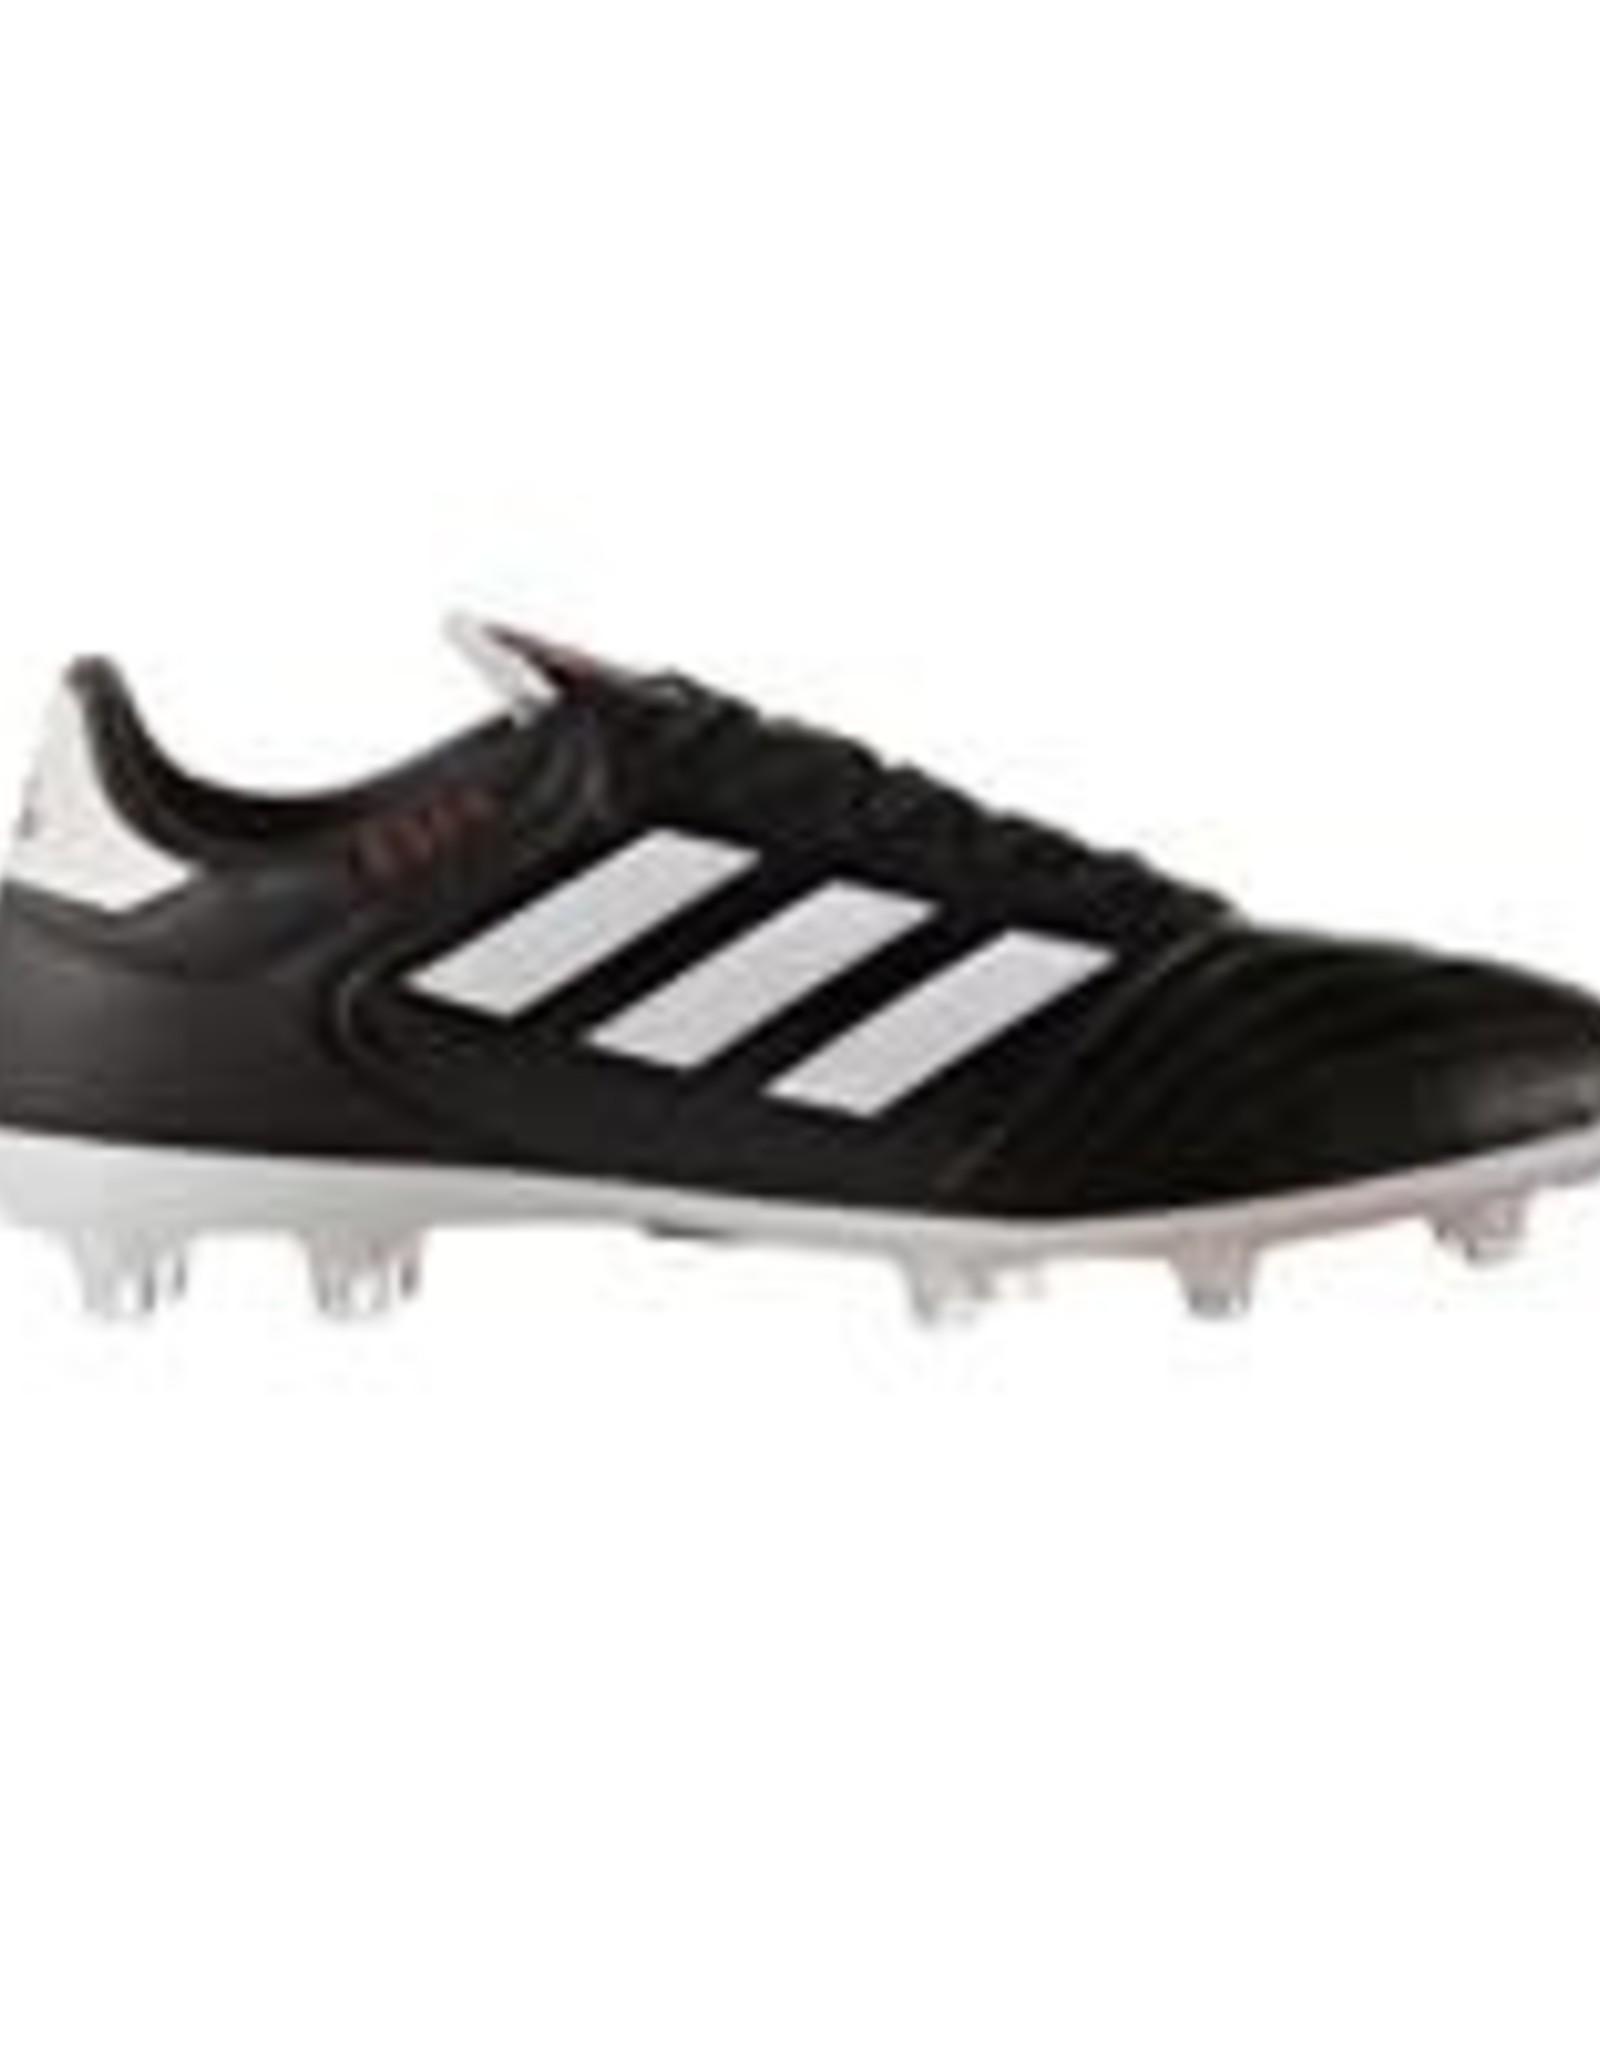 Adidas Adidas Copa 17.2 FG